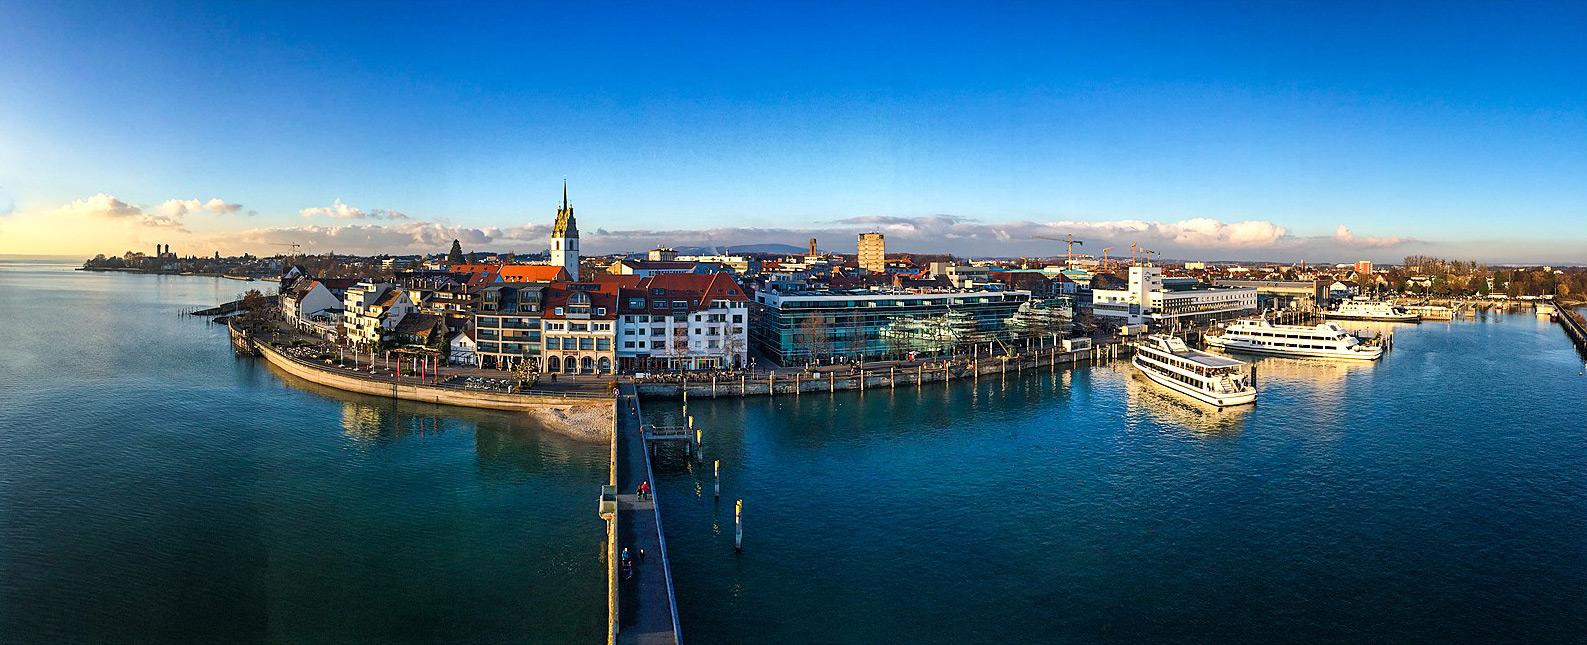 Friedrichshafen: 1